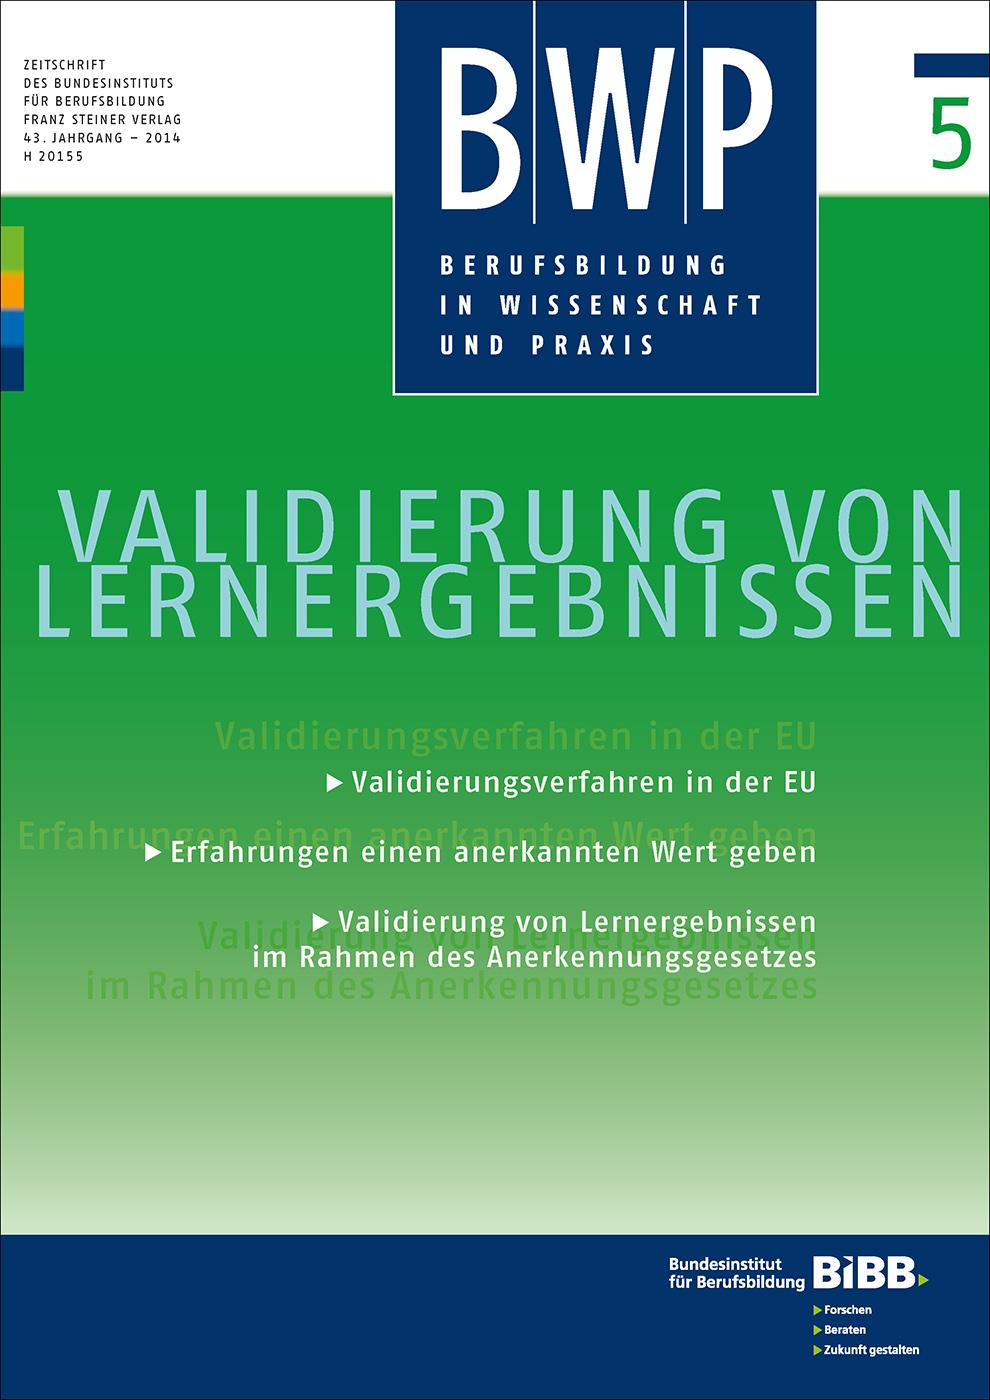 Cover der Zeitschrift BWP Heft 2014/5